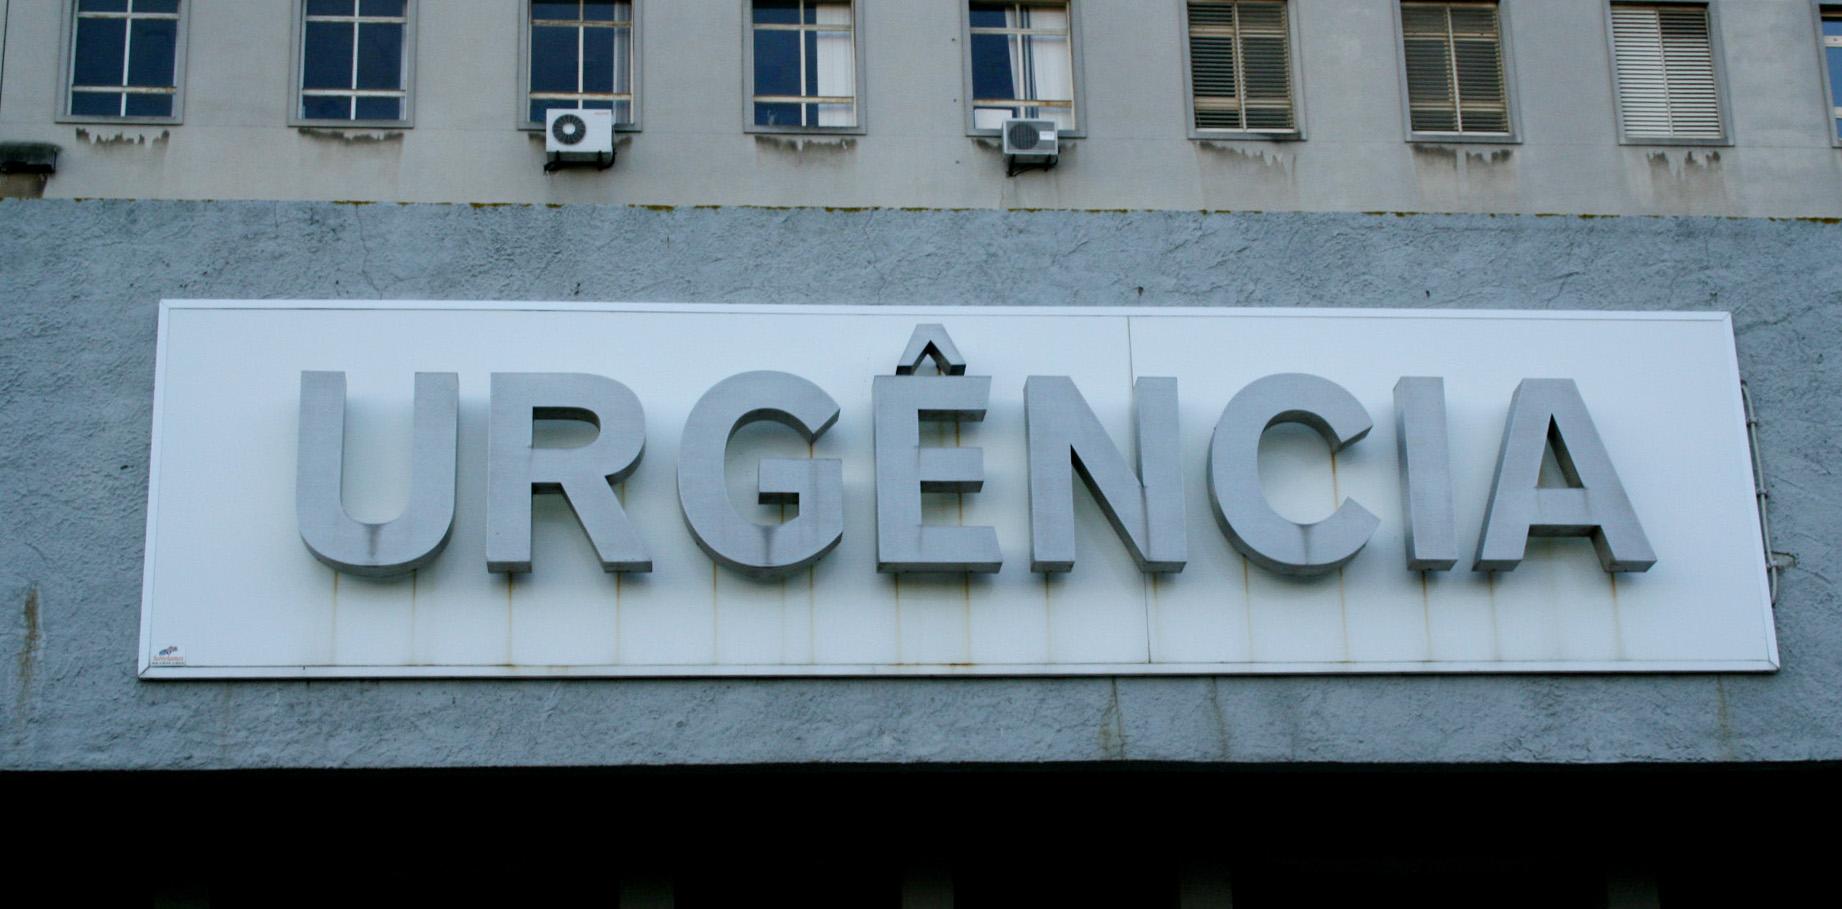 Injeções financeiras nos hospitais são discricionárias e geram desresponsabilização